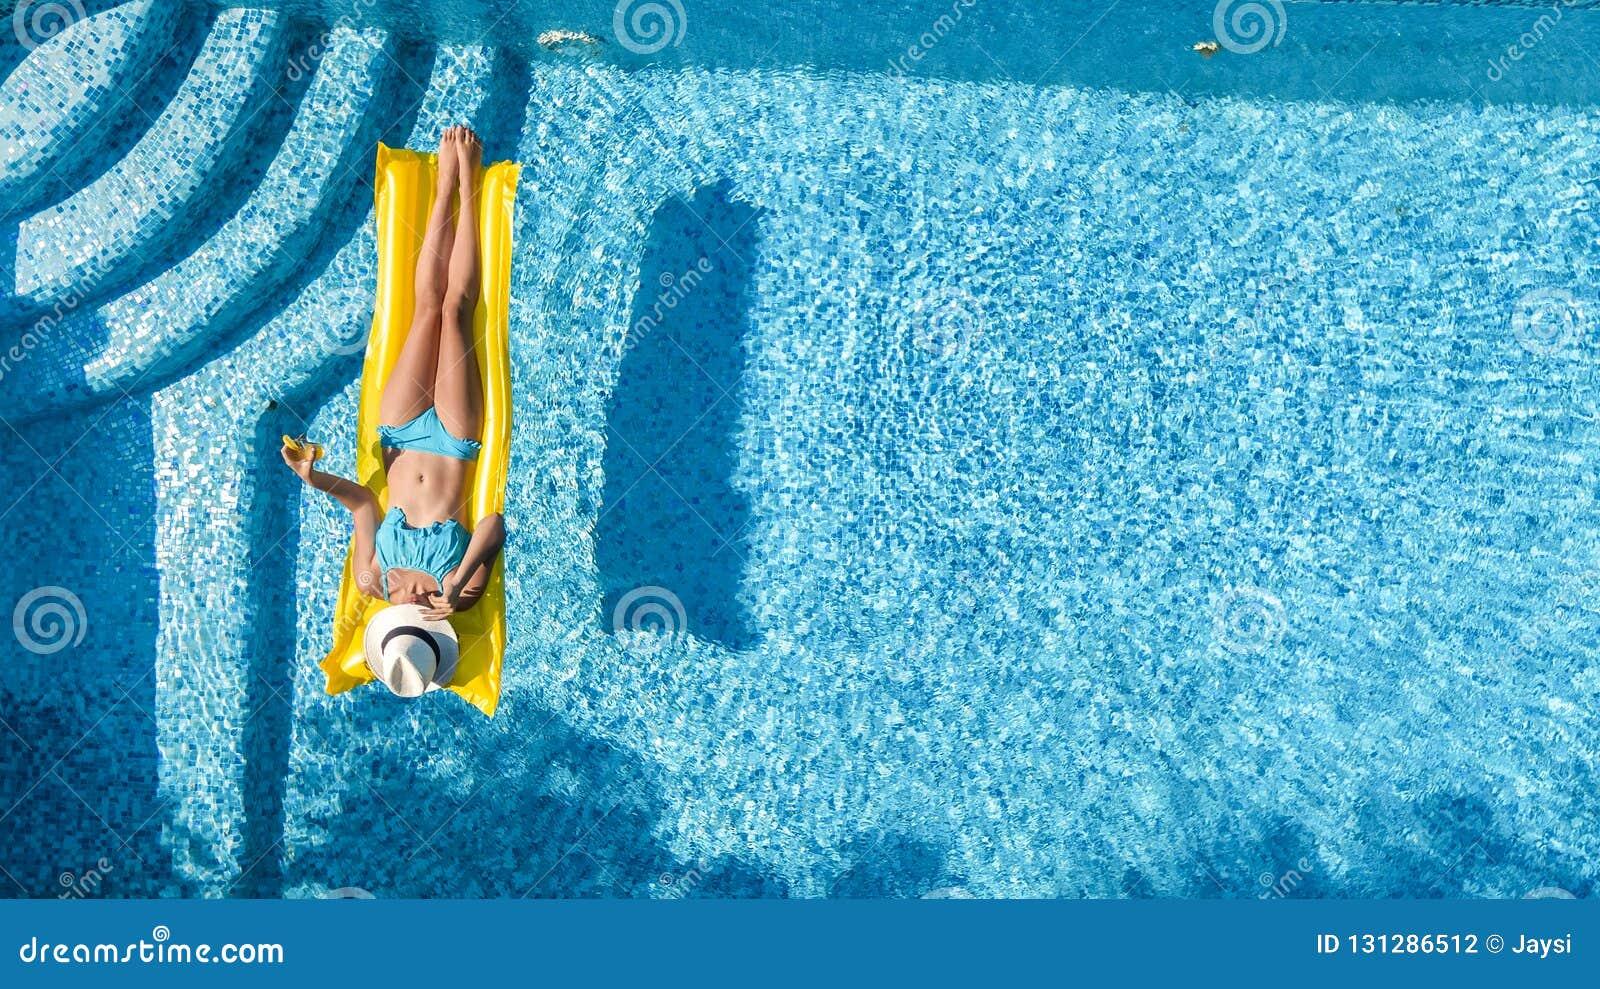 La bella ragazza che si rilassa nella piscina, nuotate sul materasso gonfiabile e si diverte in acqua sulla vacanza di famiglia